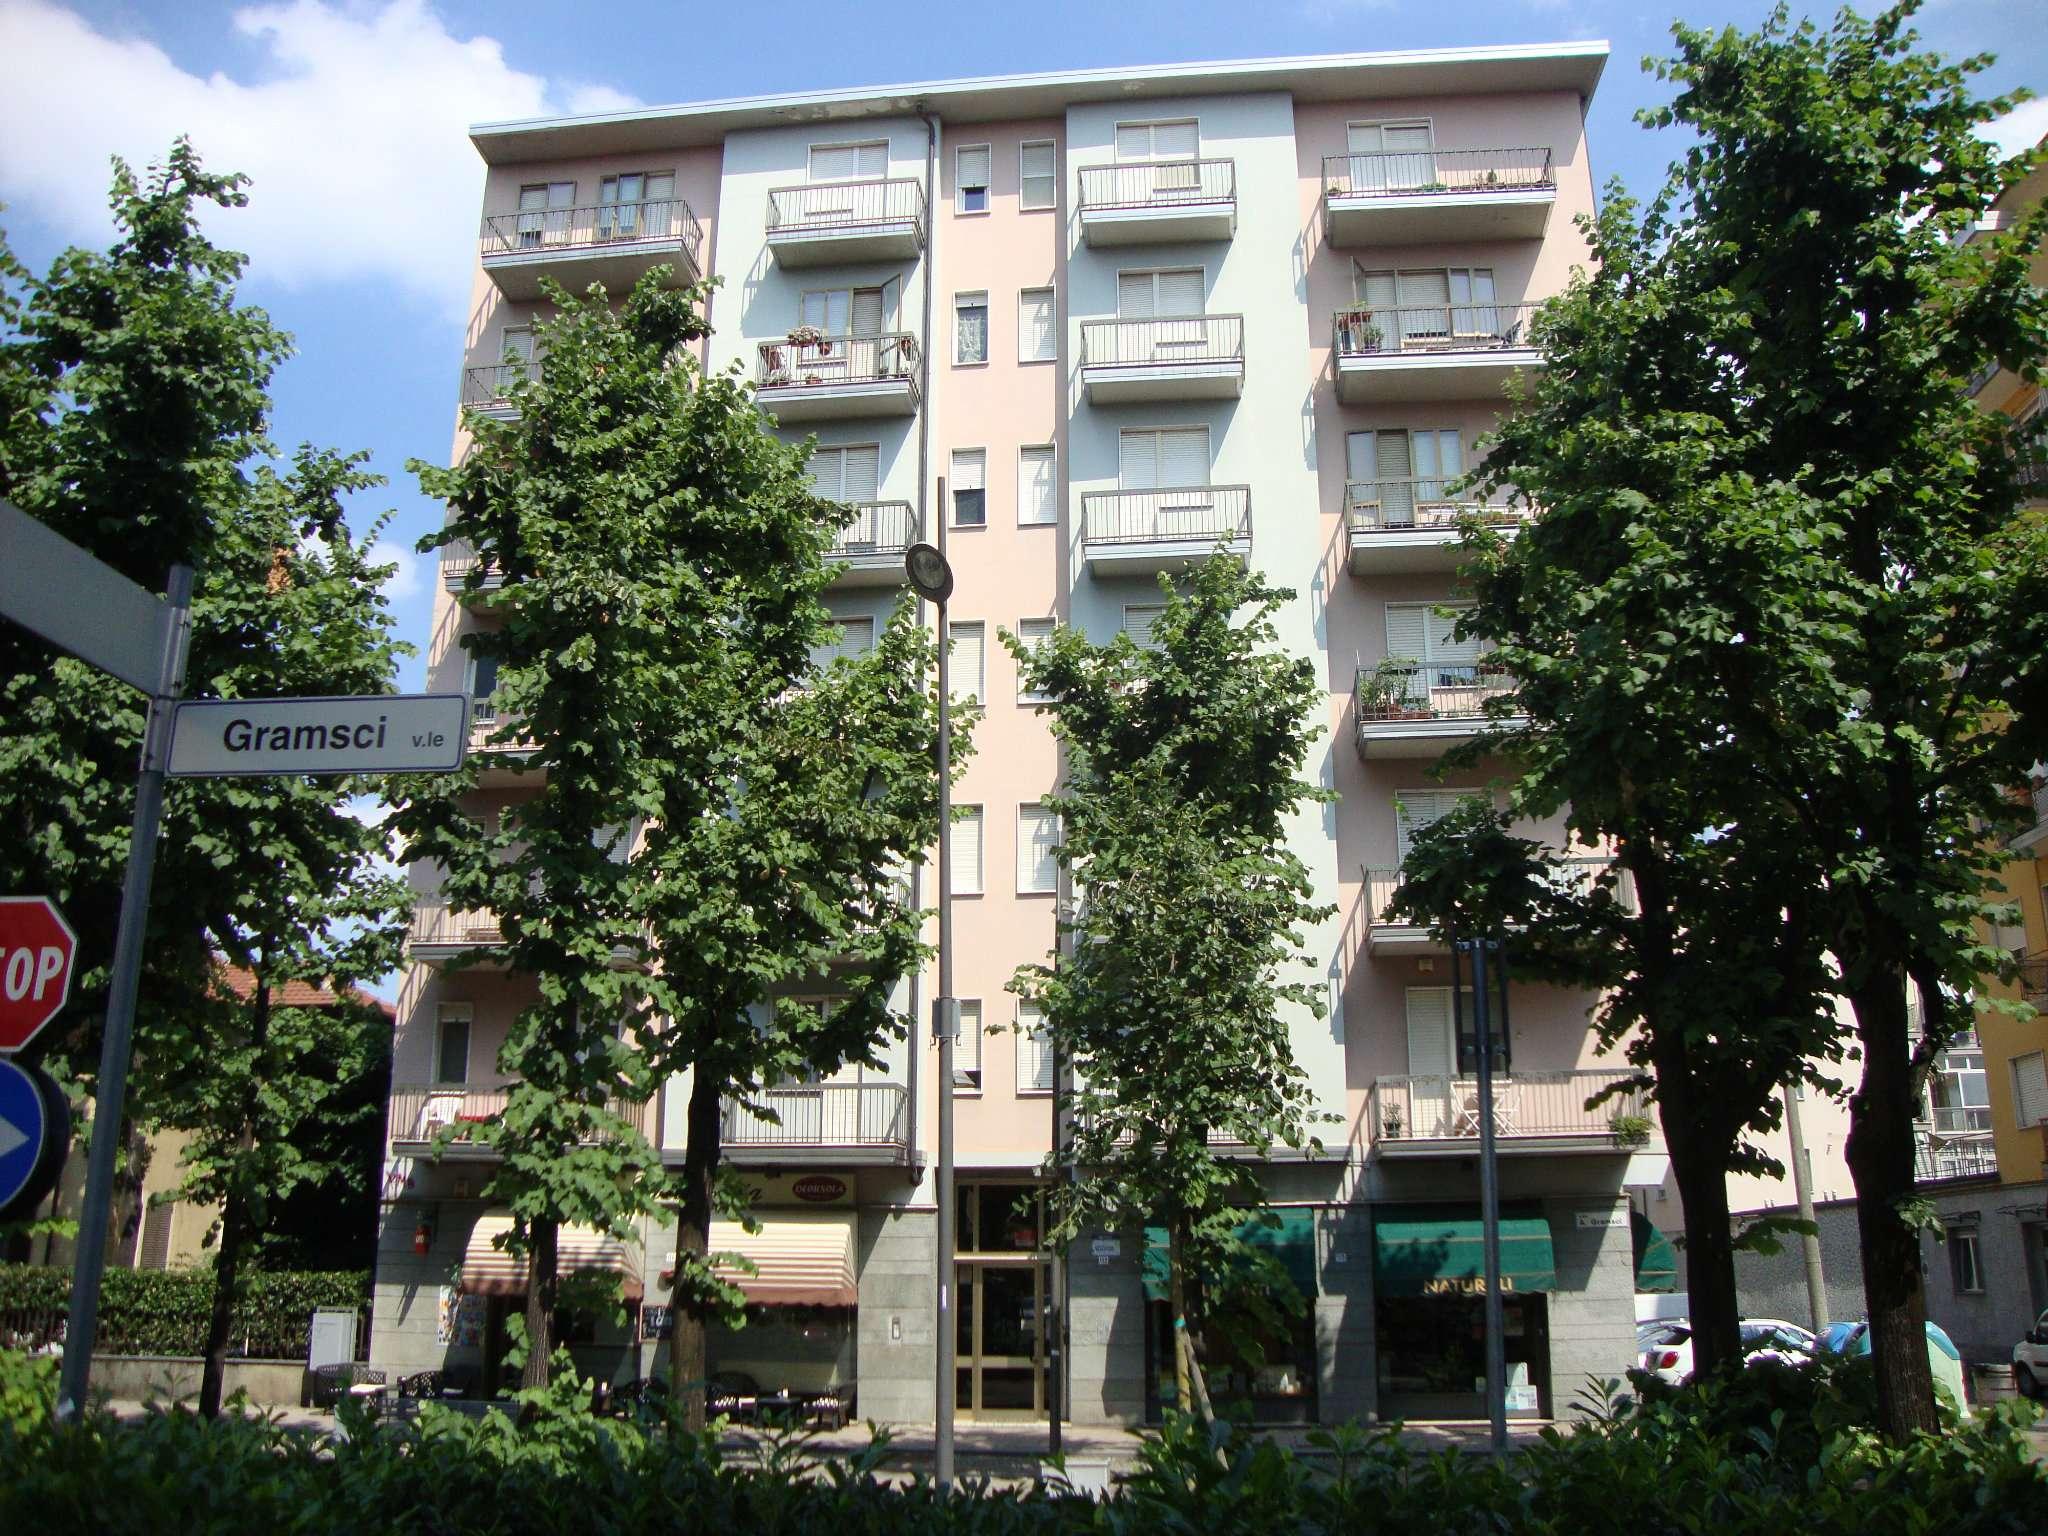 Appartamento in affitto viale Gramsci Grugliasco